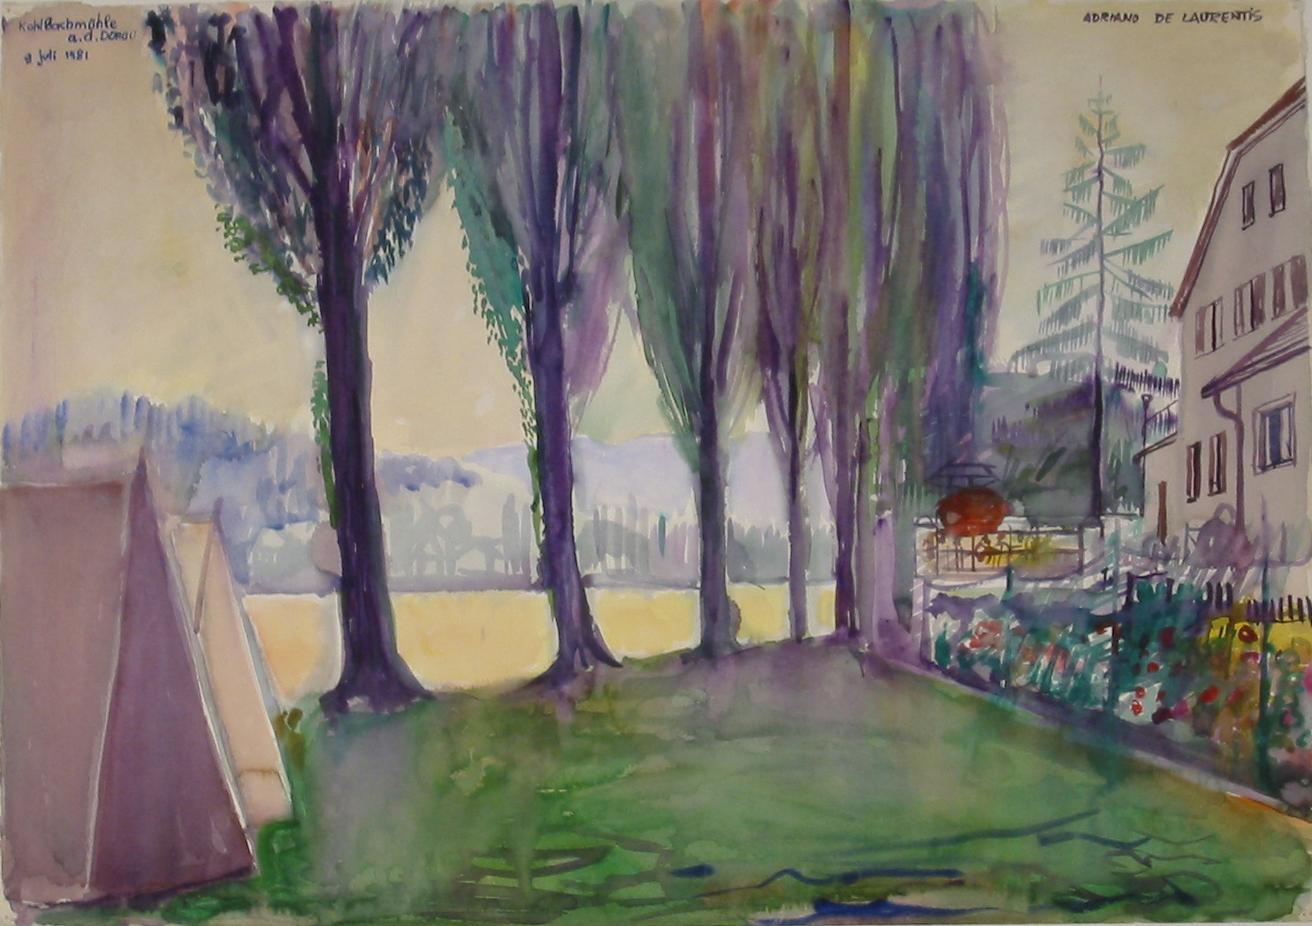 Kohlbachmuehle a.d. Donau - Acquerello su Cartoncino - 71x50 - 1981